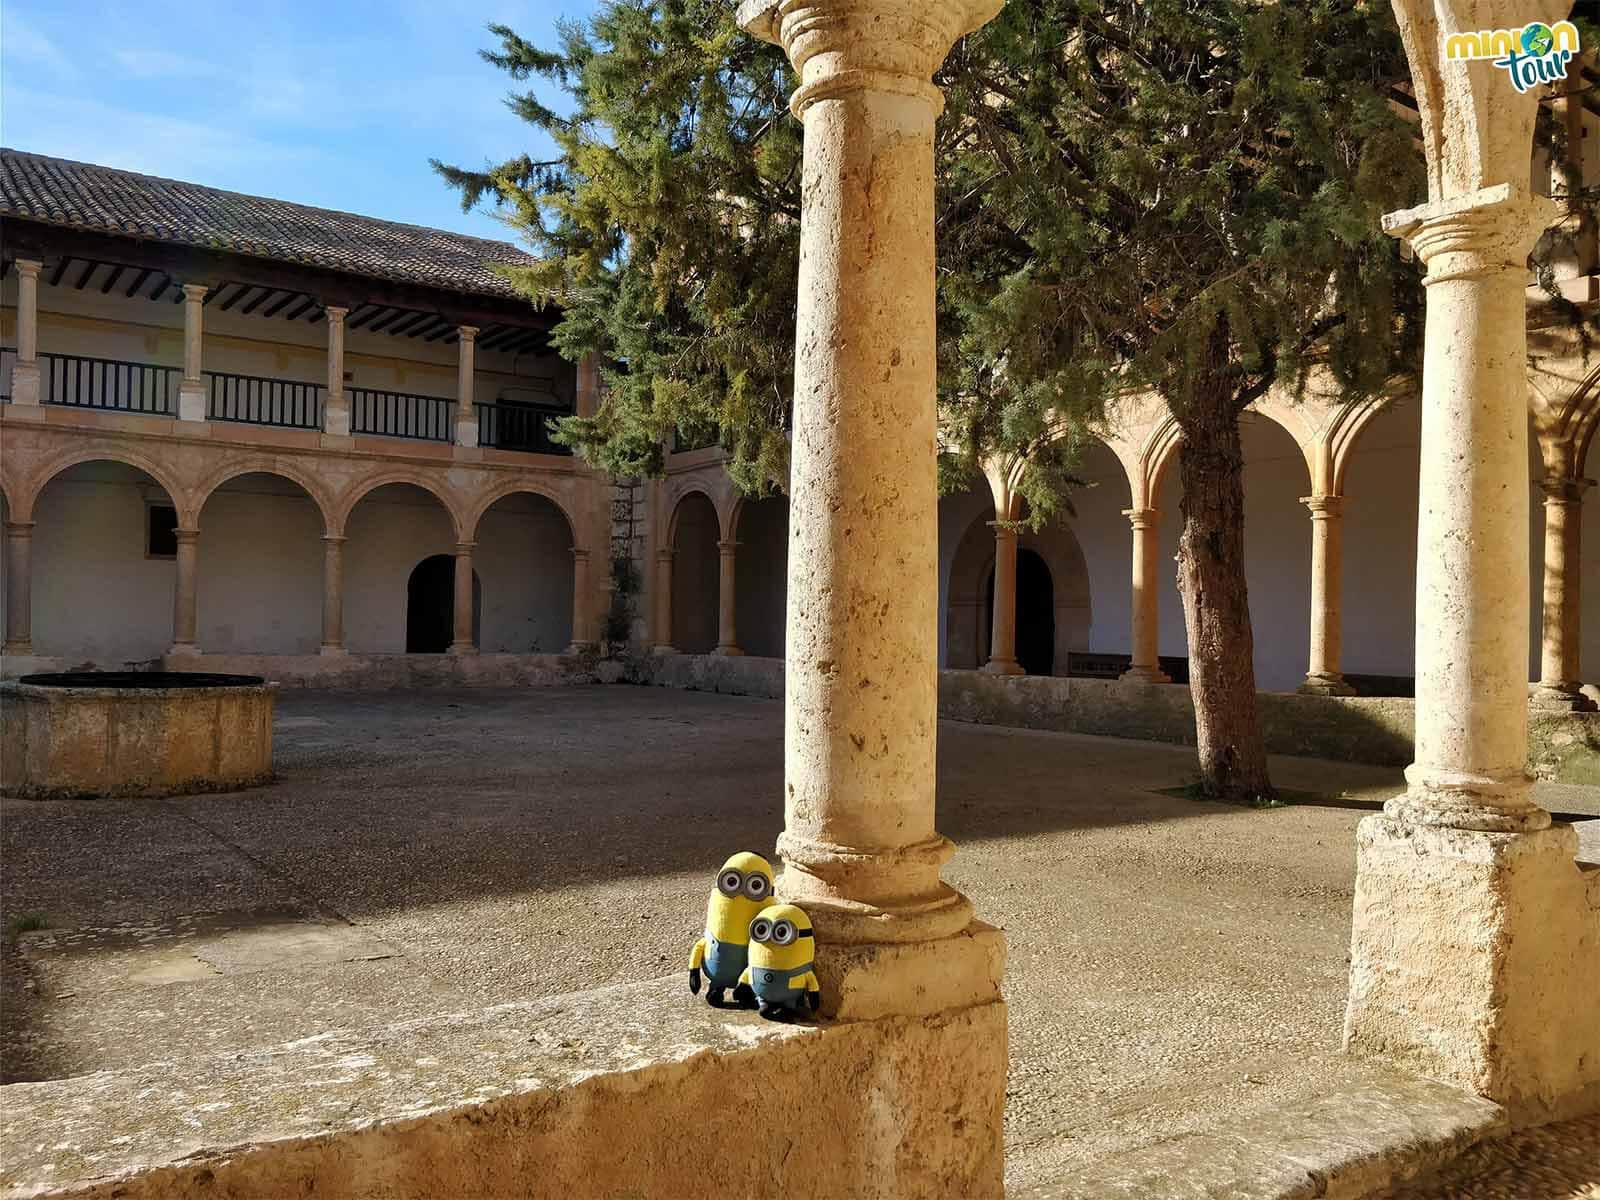 Claustro del Santuario de la Virgen de los Remedios una de las cosas que no puedes dejar de ver en Fuensanta